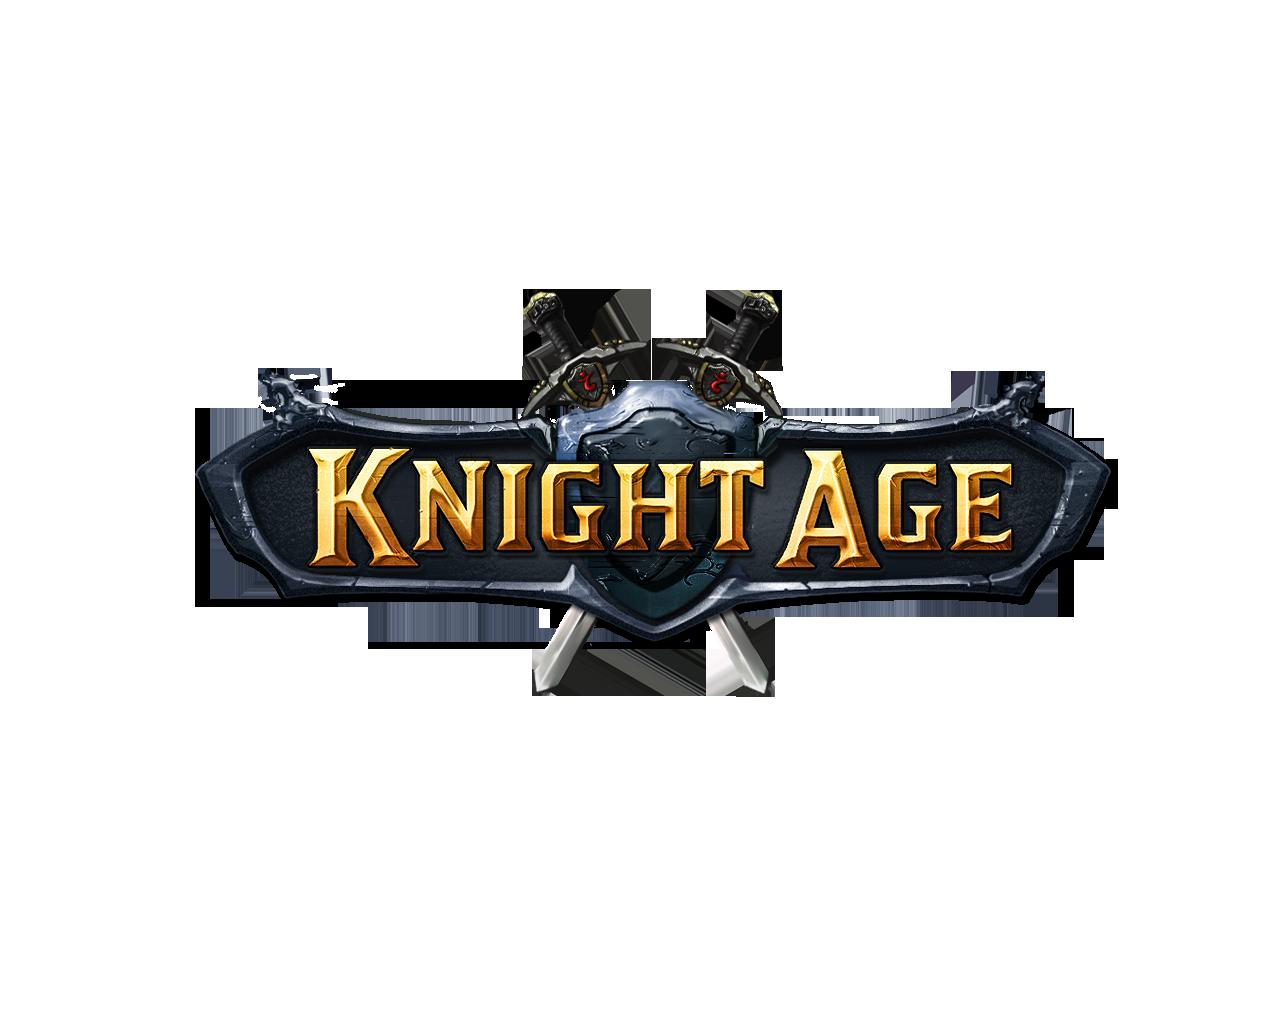 KnightAge_LOGO